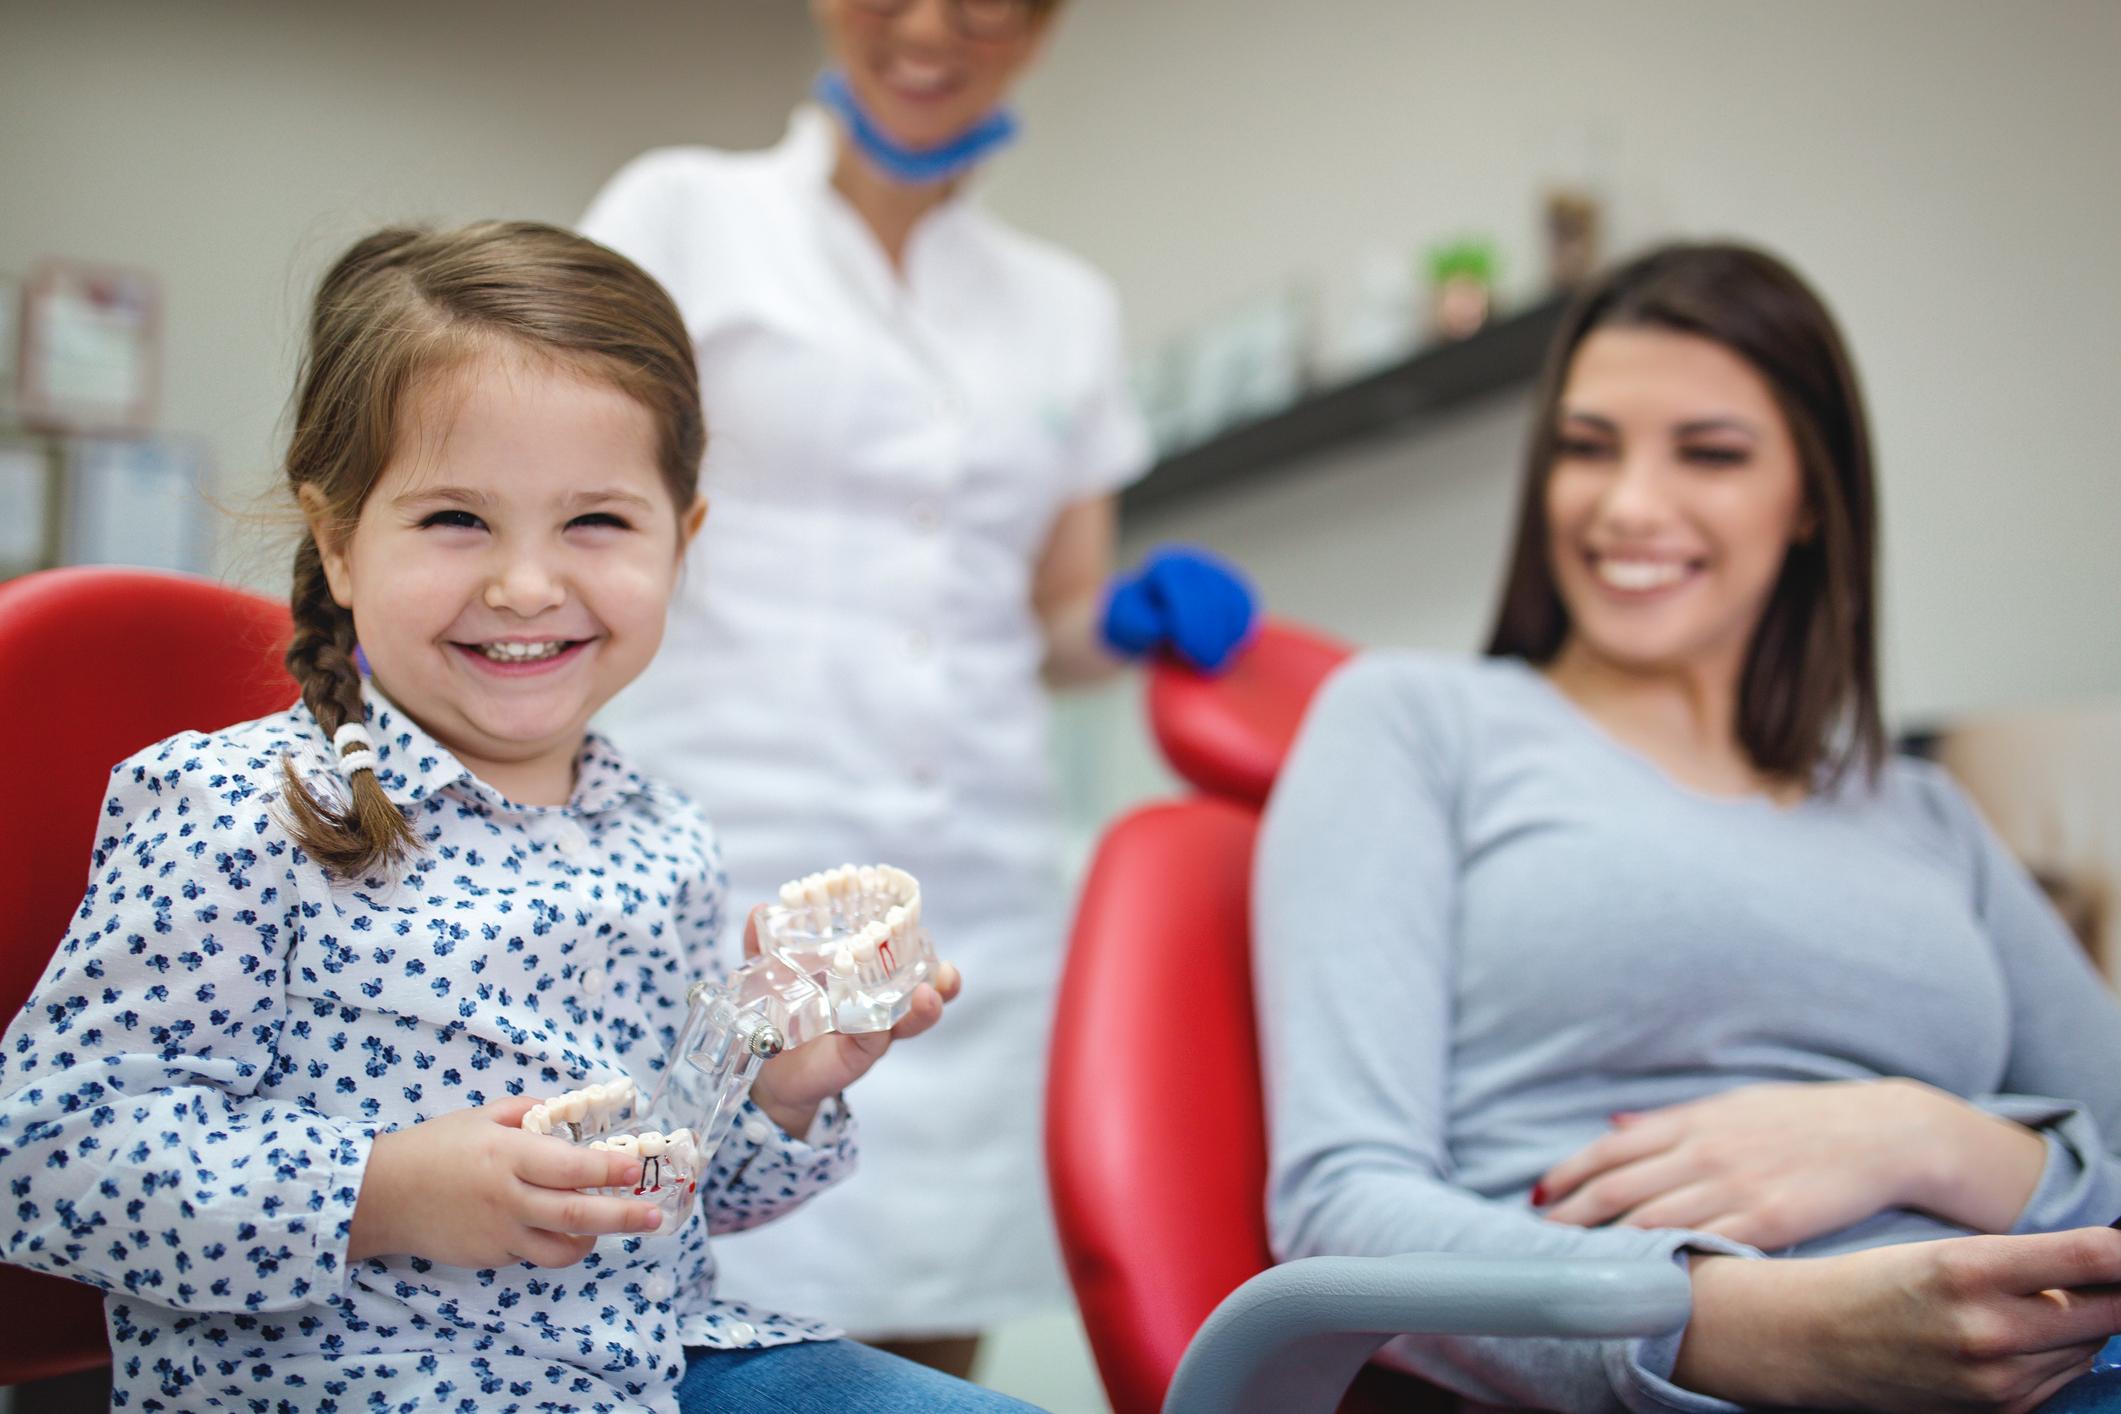 פתיחת הרשמה להתמחות ברפואת שיניים לילדים